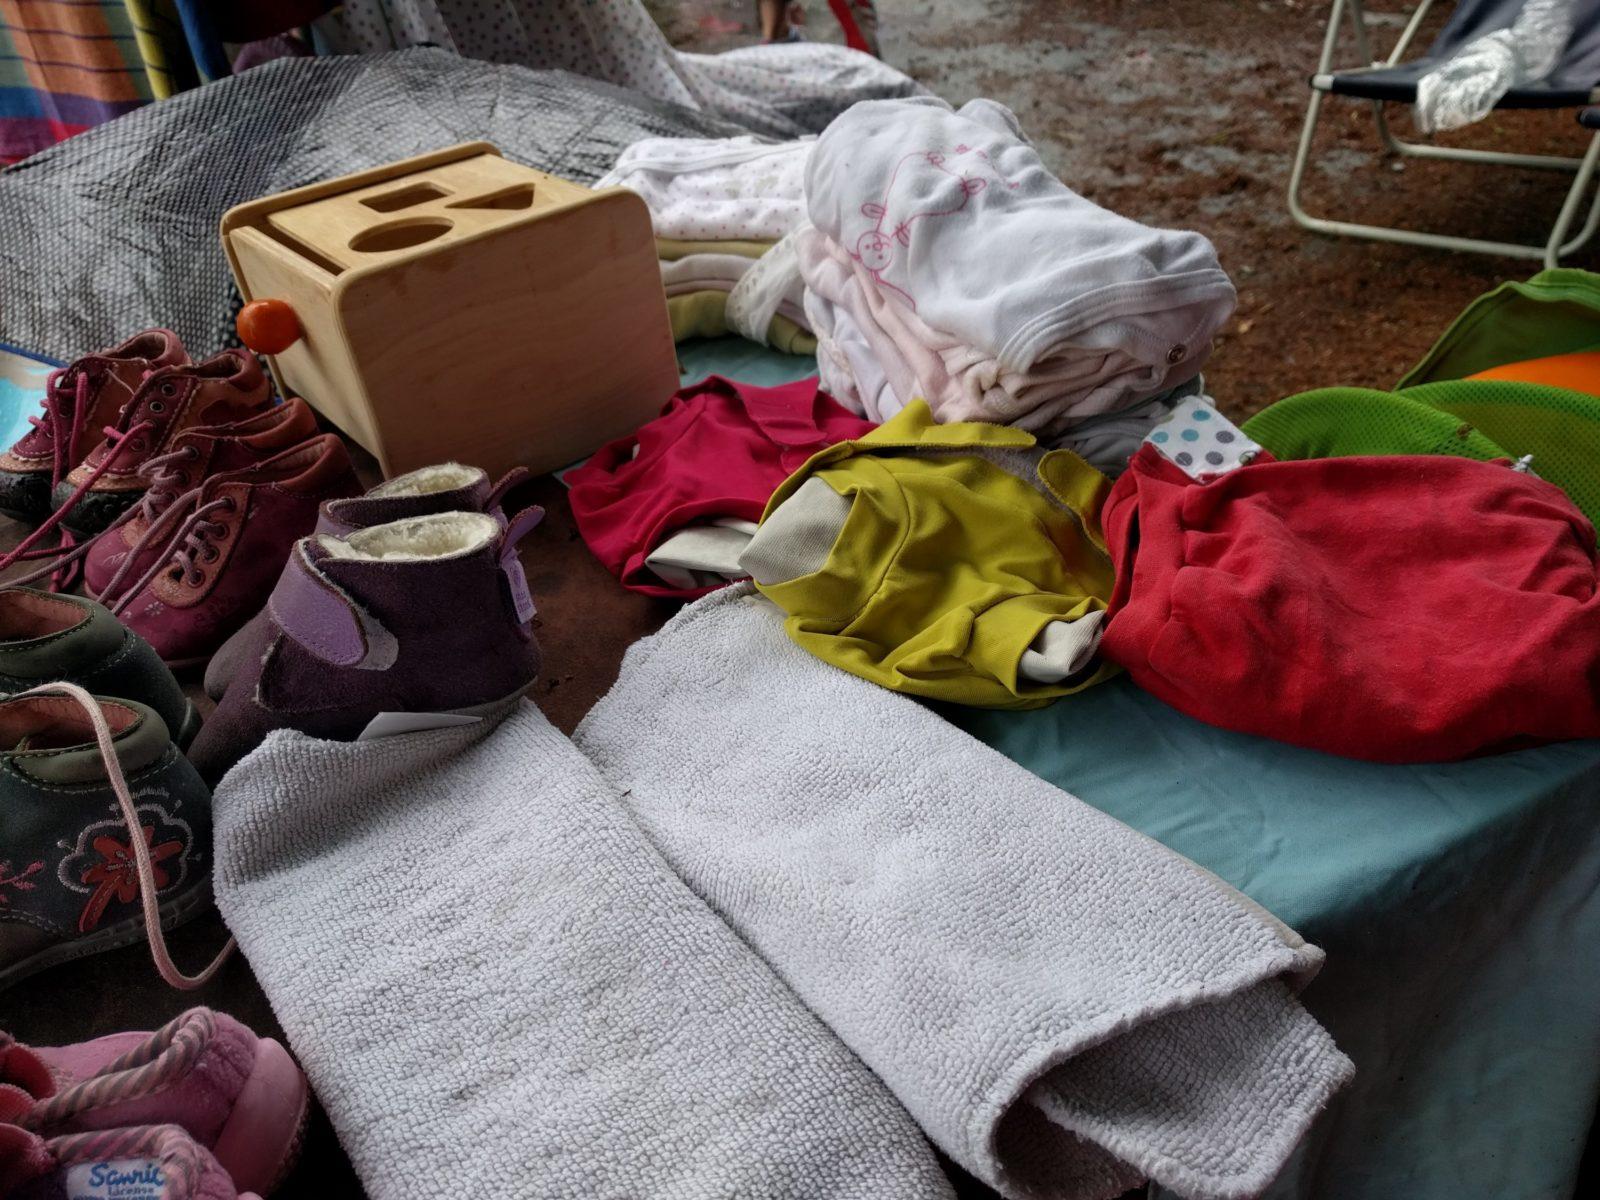 Couches lavables d occasion les trucs pour bien s quiper le cul dans l 39 herbe - Couches lavables d occasion ...